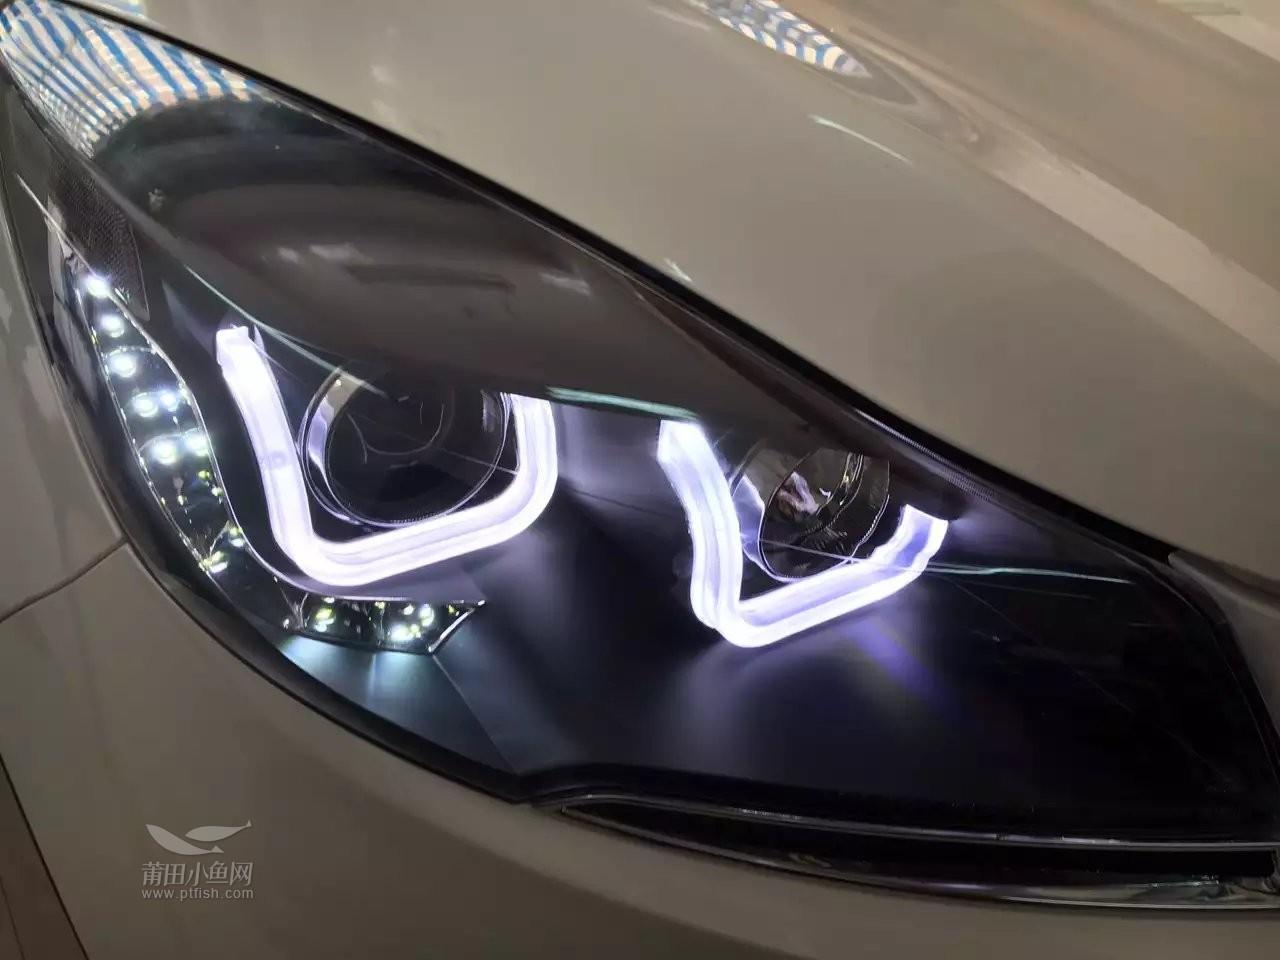 新款福特翼虎大灯总成改装 双U型氙气大灯总成高清图片